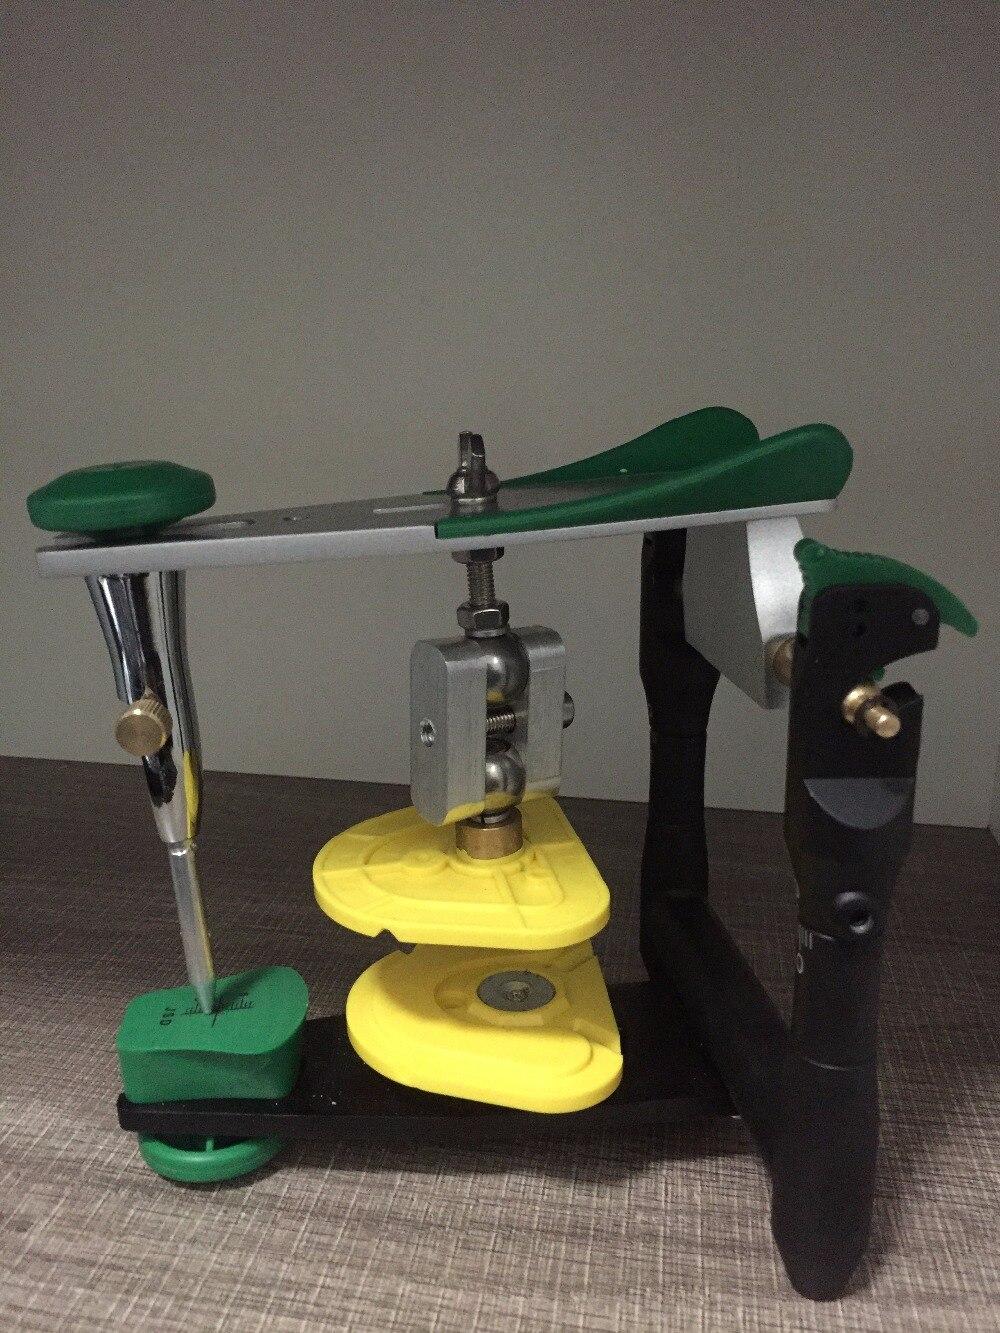 Articulateur dentaire pour la production de modèles de laboratoire dentaire/équipement dentaire